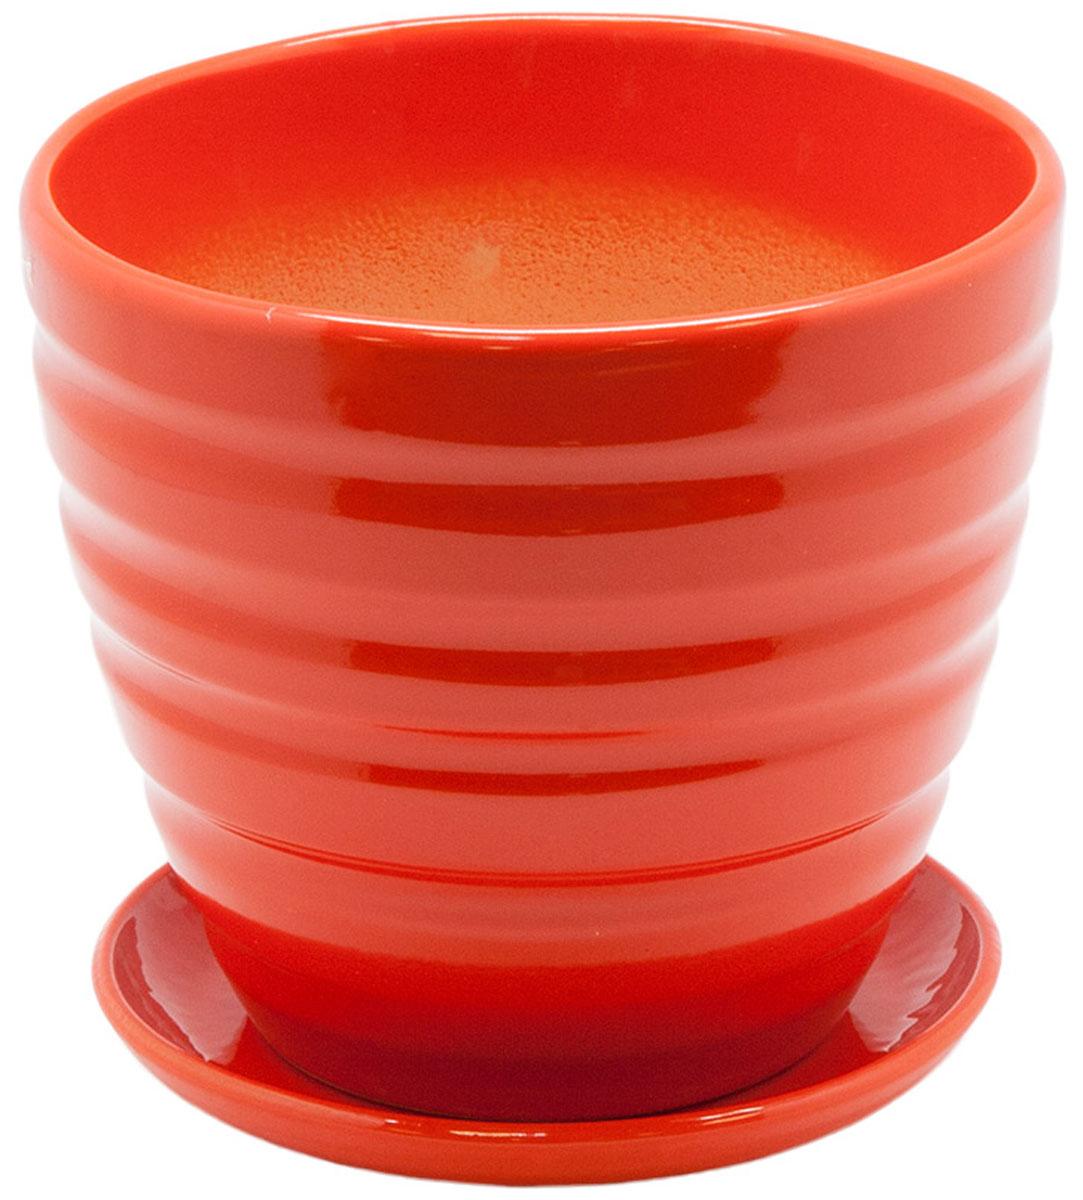 Горшок цветочный Engard, с поддоном, цвет: оранжевый, 1,4 лBH-22-1Керамический горшок Engard - это идеальное решение для выращивания комнатных растений и создания изысканности в интерьере. Керамический горшок сделан из высококачественной глины в классической форме и оригинальном дизайне. Объем: 1,4 л. Рекомендуем!